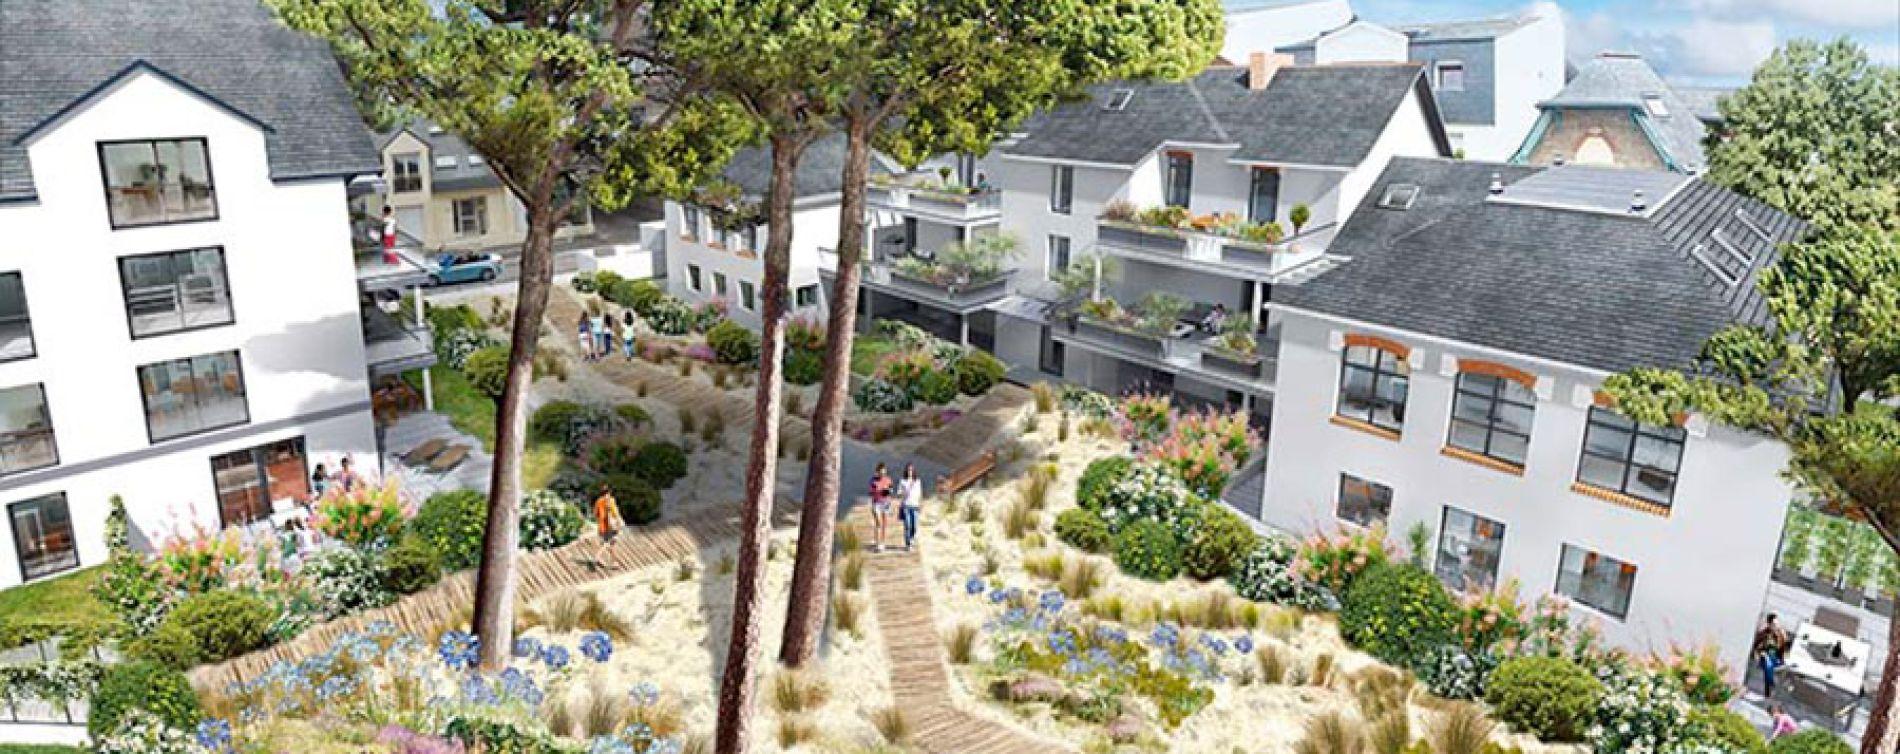 La Baule-Escoublac : programme immobilier neuve « Villas Sophia » (2)